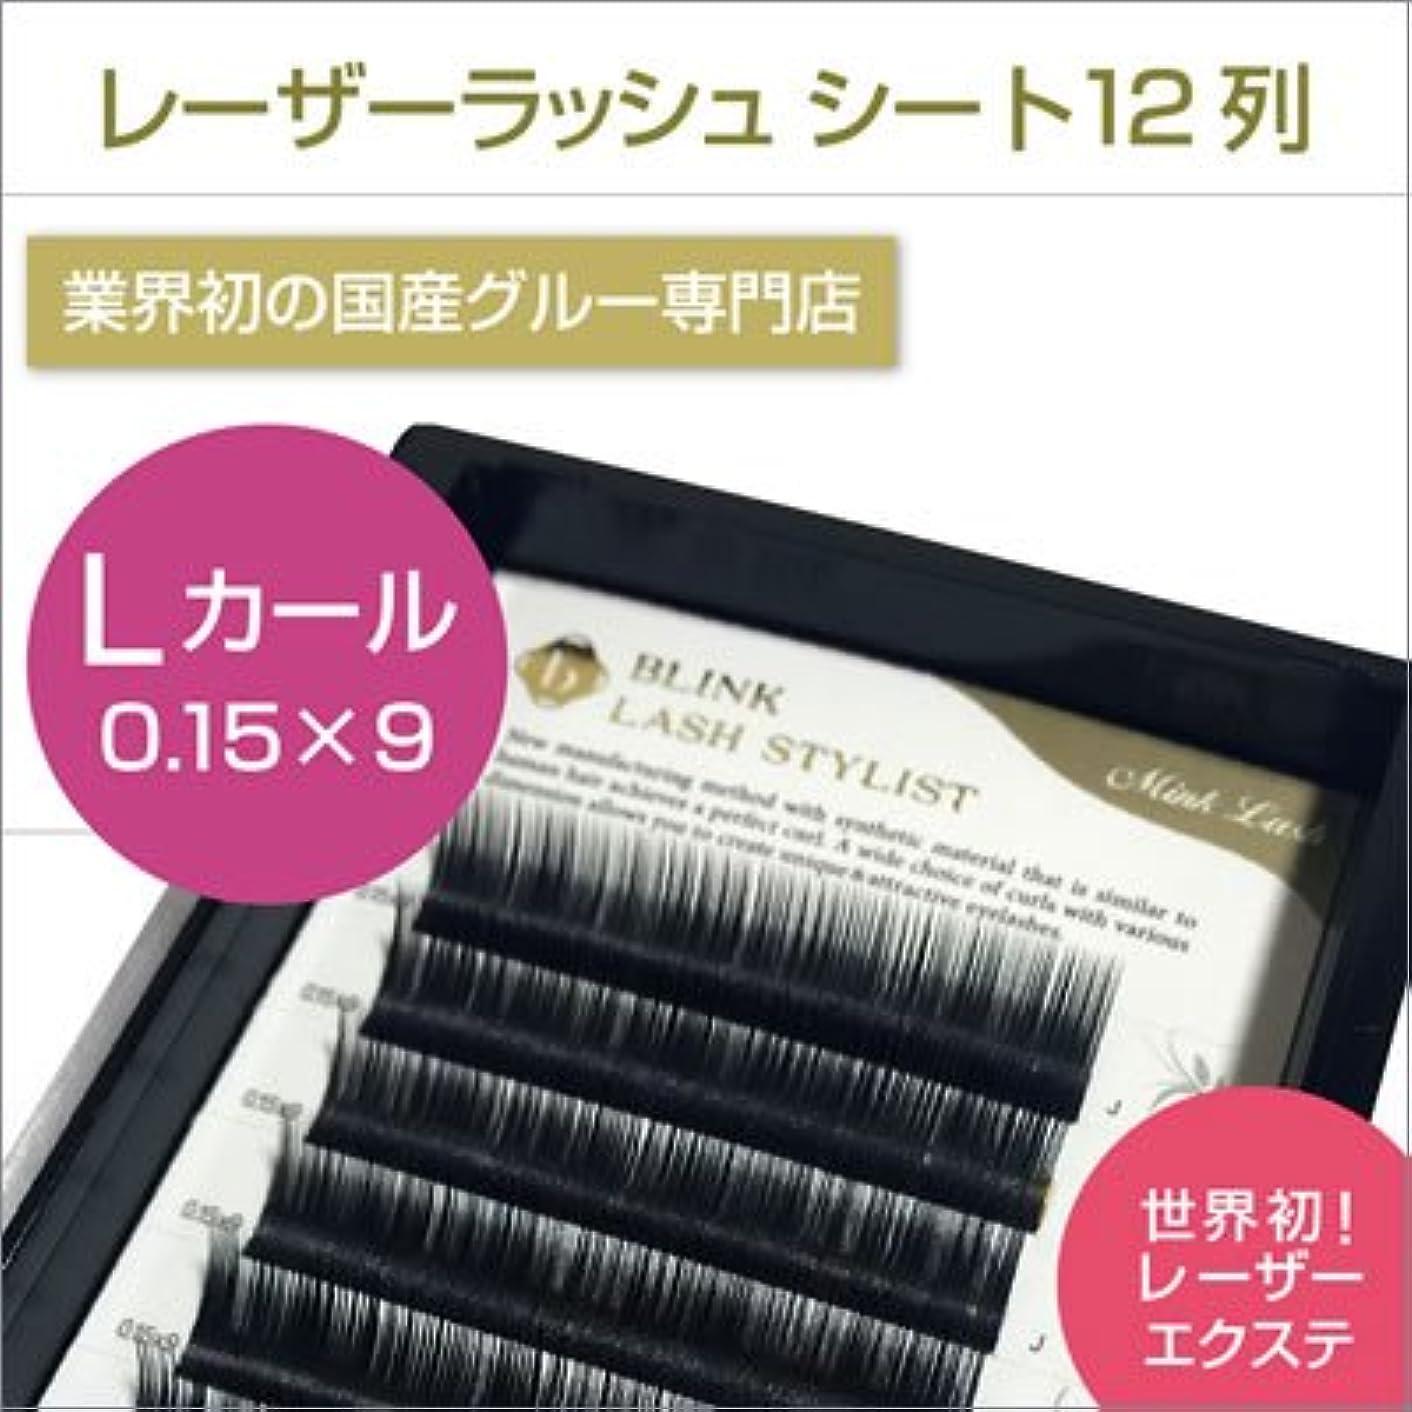 糸スクラップデンプシーorlo(オルロ) レーザーエクステ ミンクラッシュ Lカール 0.15mm×9mm